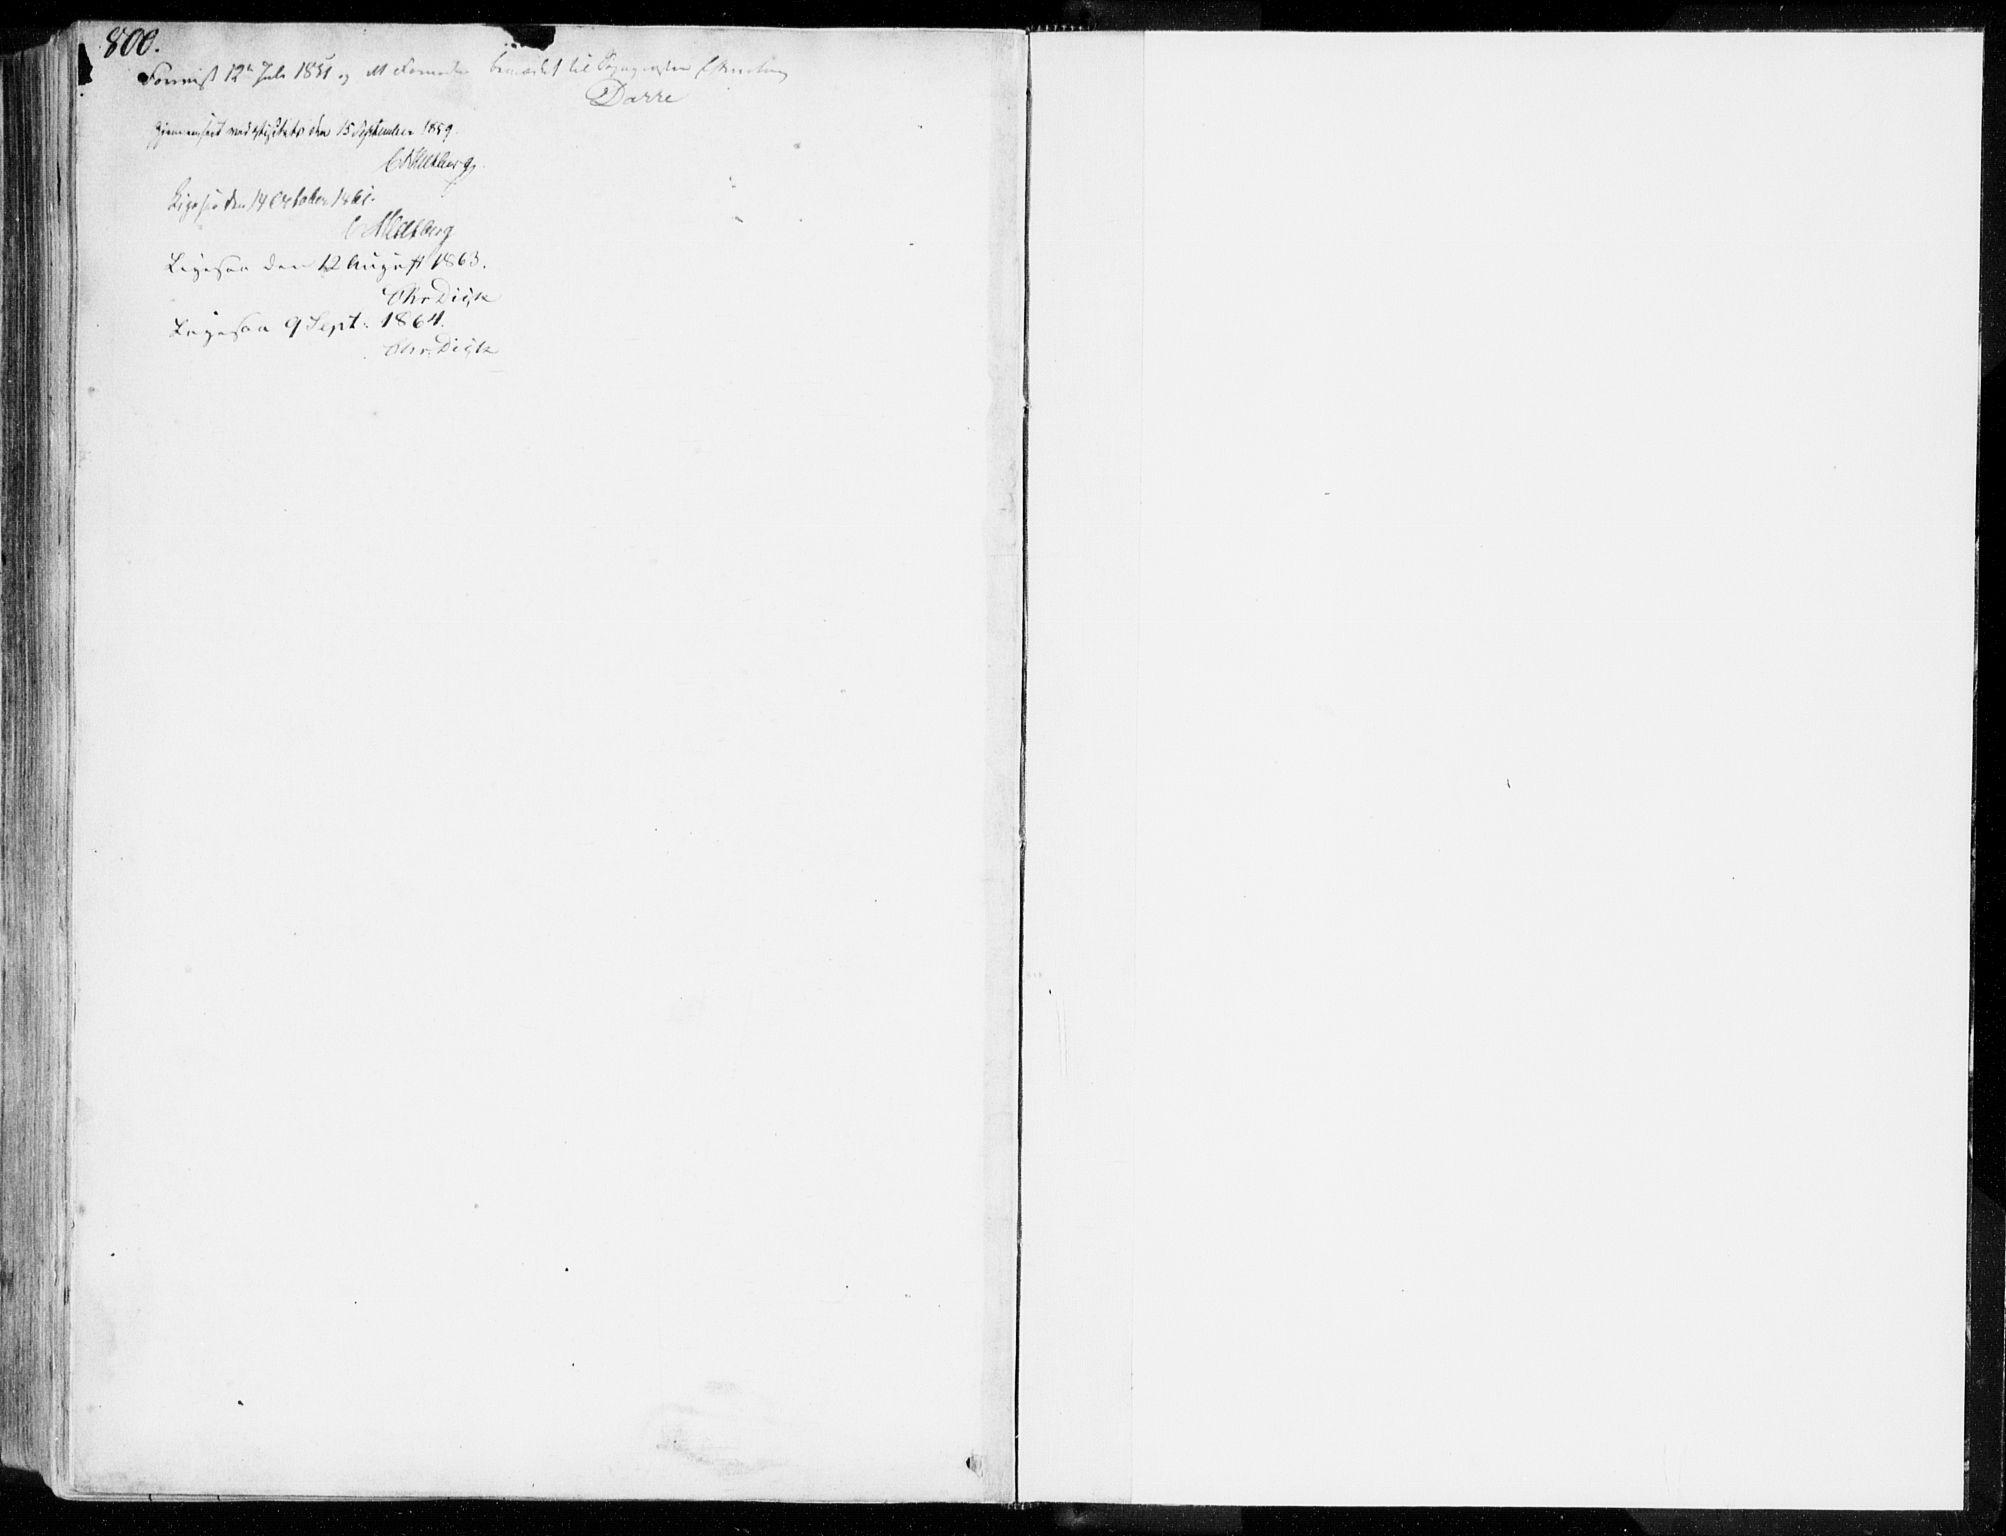 SAT, Ministerialprotokoller, klokkerbøker og fødselsregistre - Møre og Romsdal, 557/L0680: Parish register (official) no. 557A02, 1843-1869, p. 800